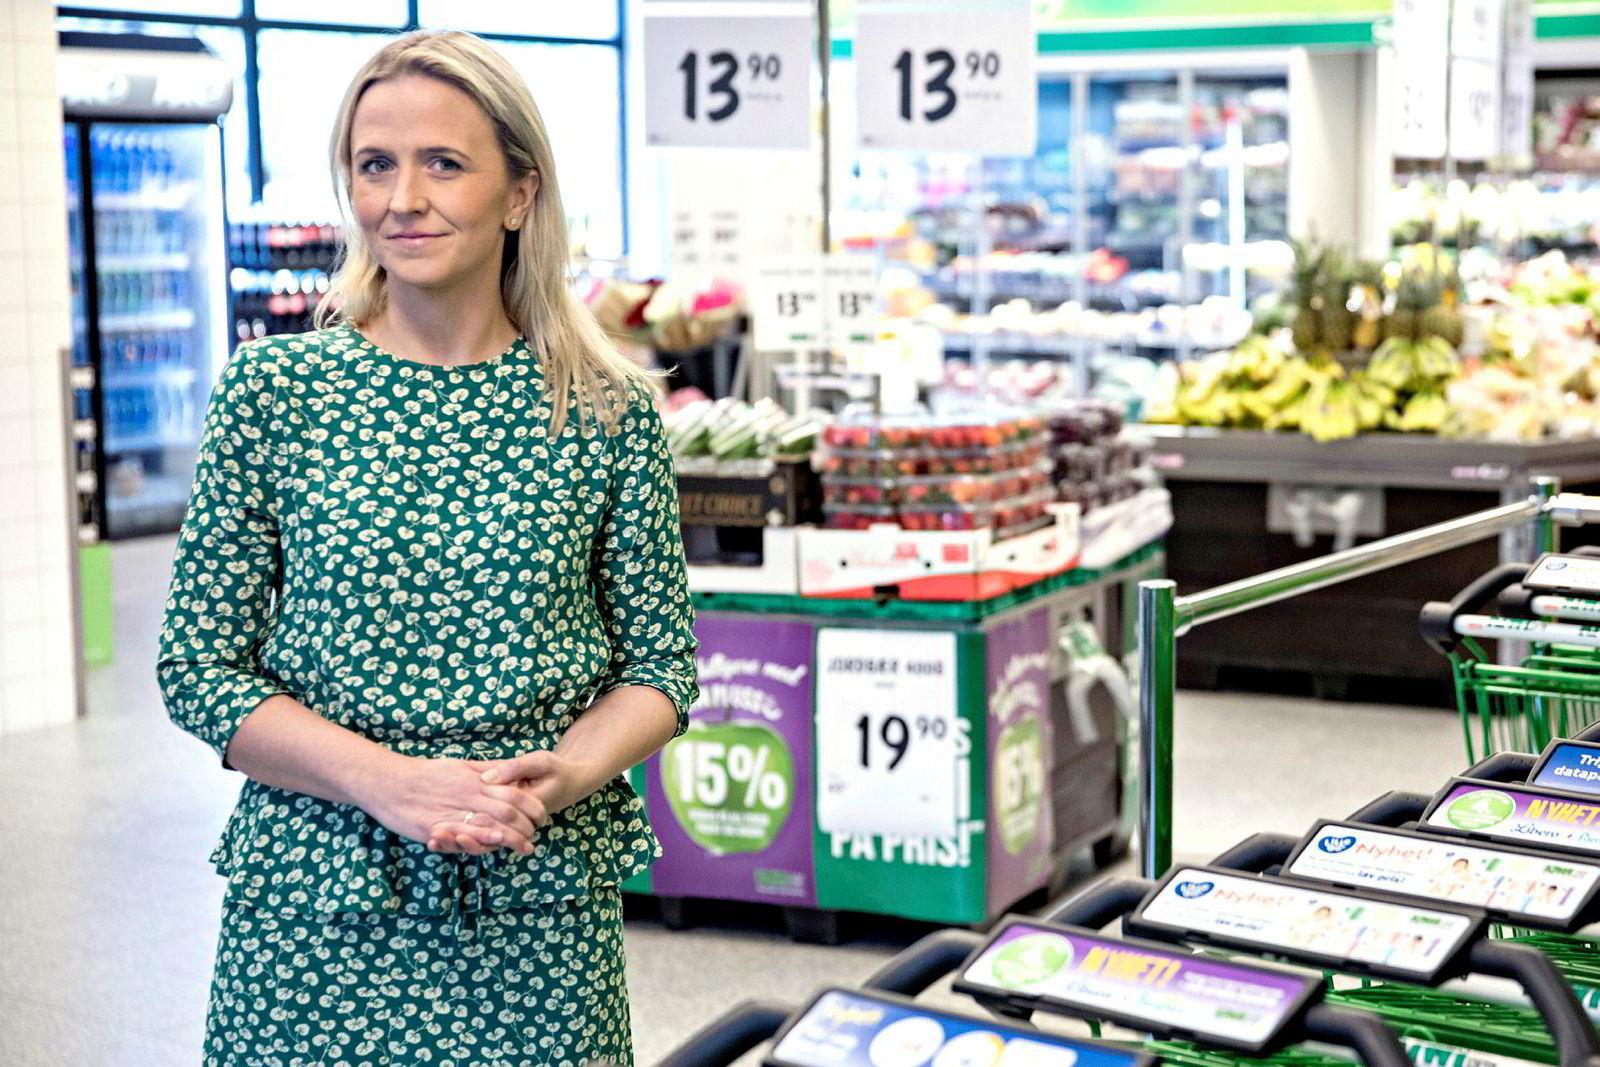 – Det er av hensyn til kundene vi har priskrig, ikke for å vinne VGs matbørser, sier Kiwis kommunikasjonssjef, Kristine Aakvaag Arvin.